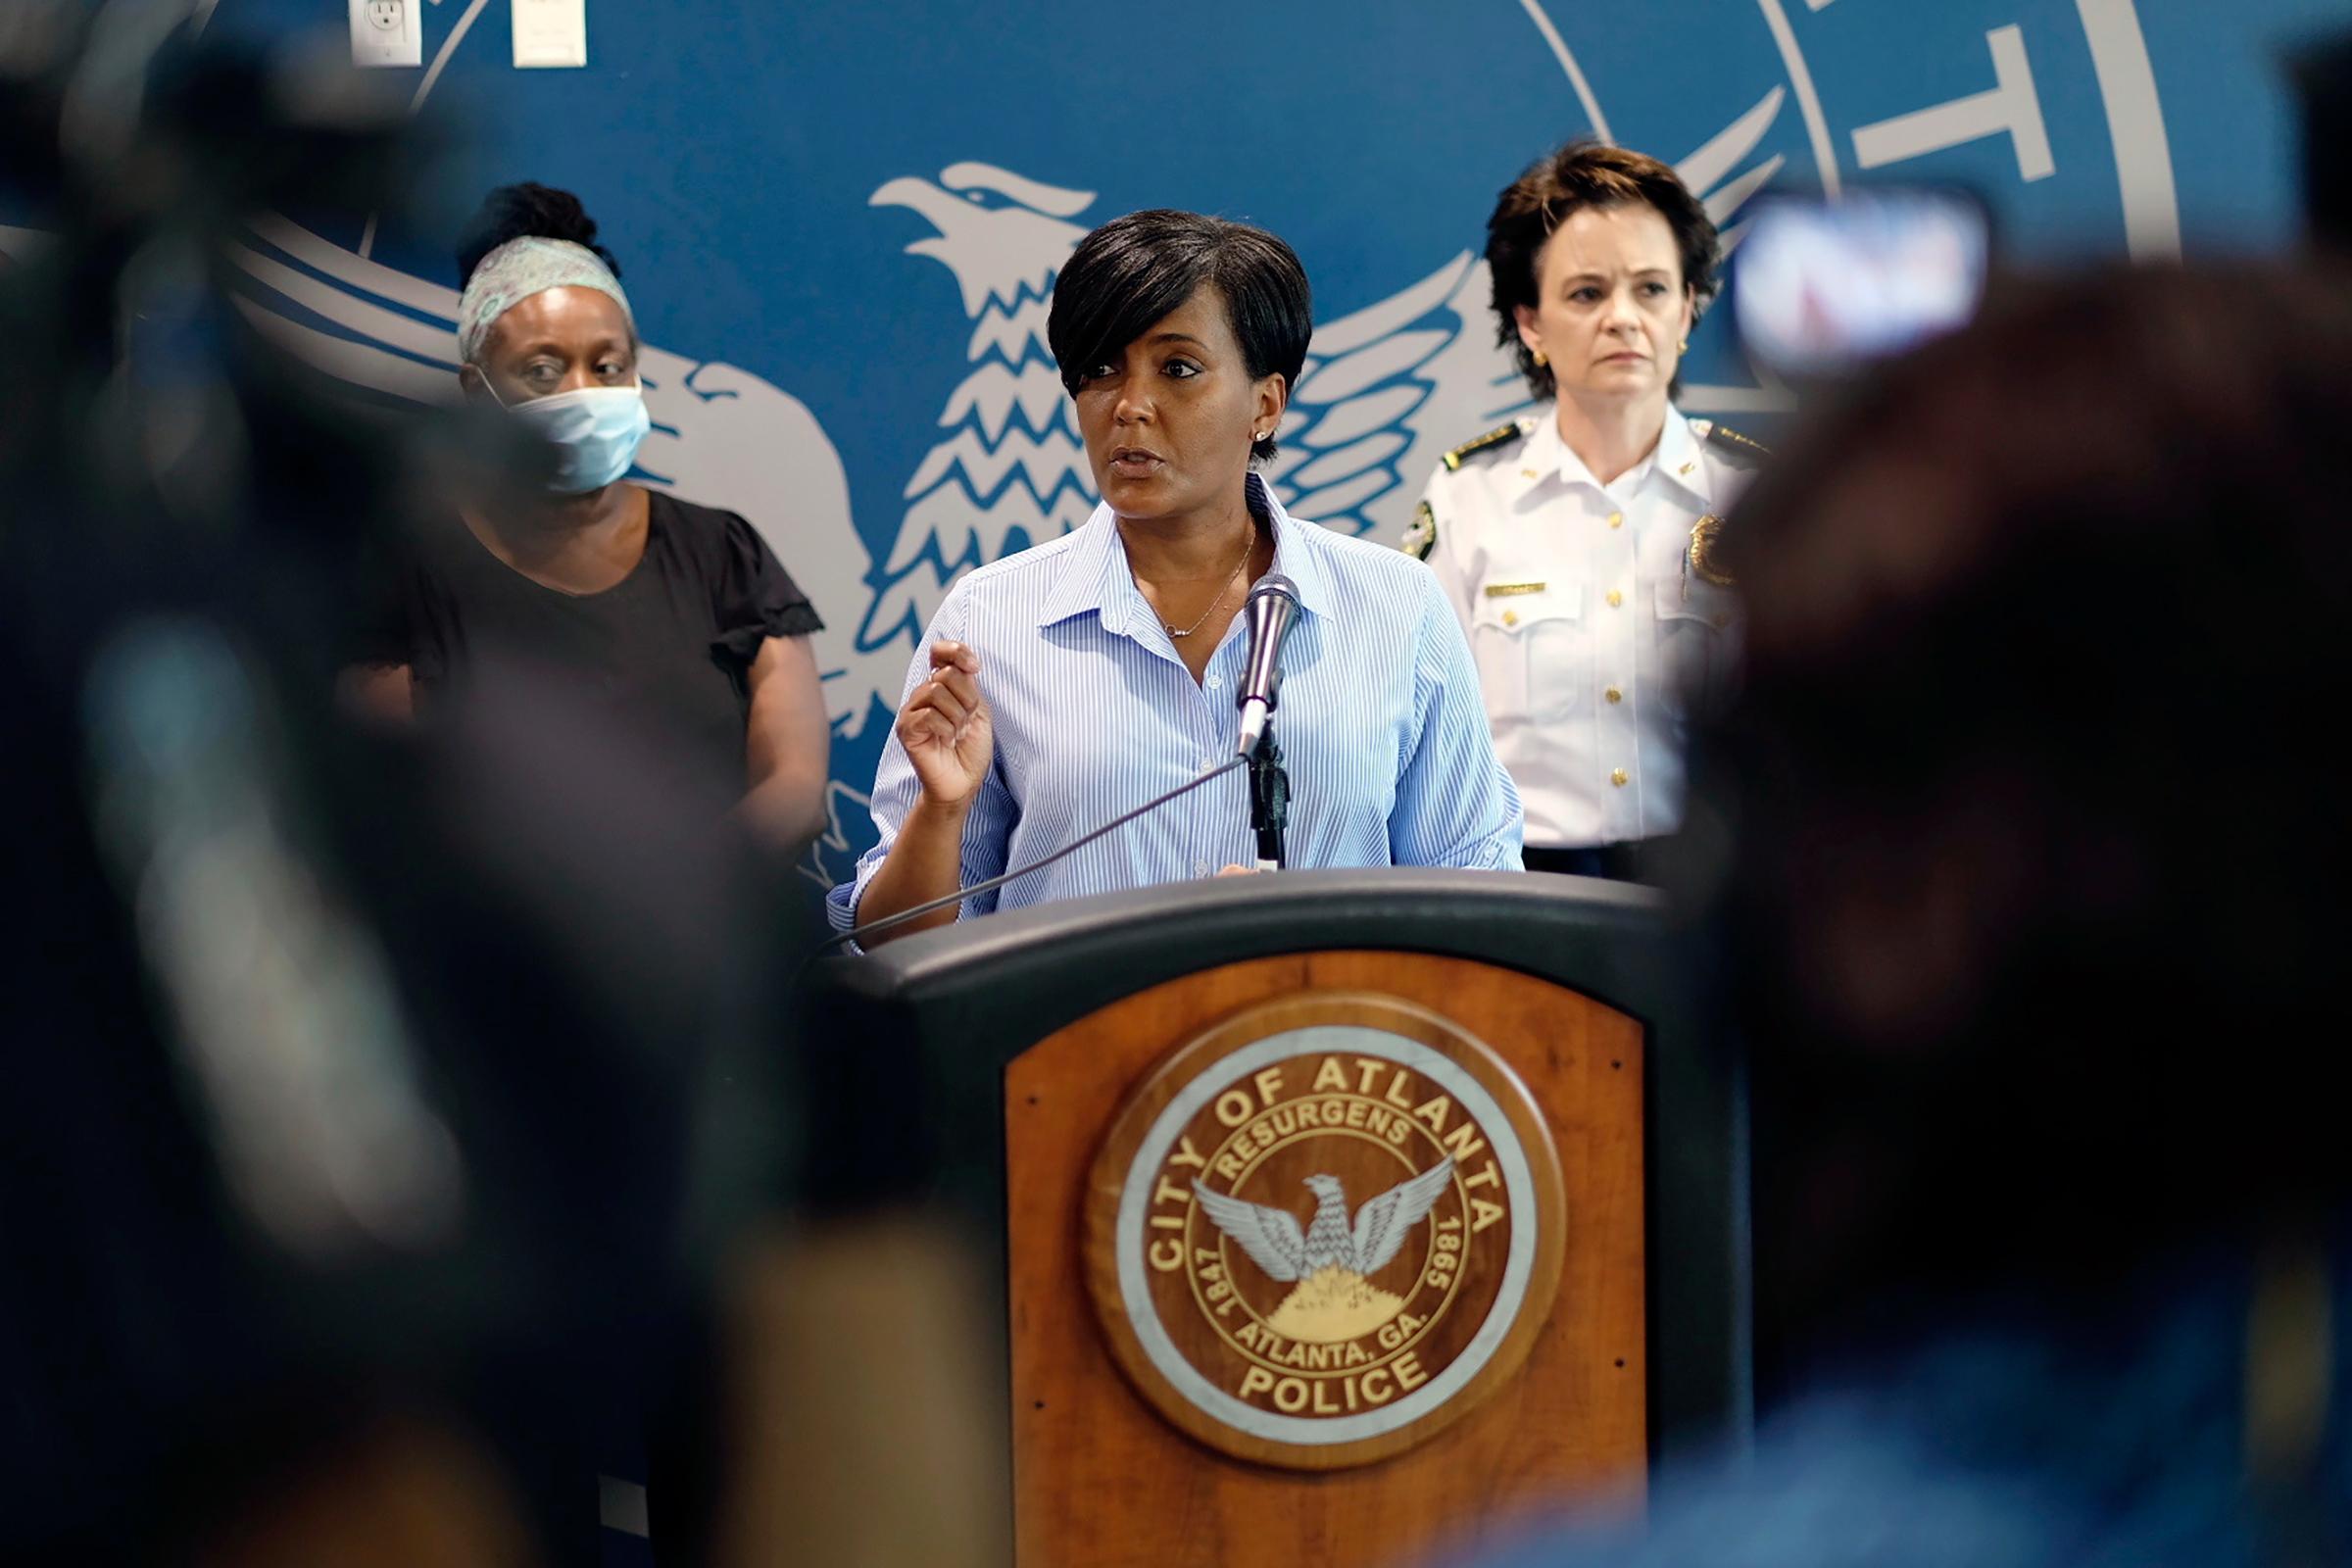 Atlanta Mayor Keisha Lance Bottoms at a press conference on May 30 in Atlanta